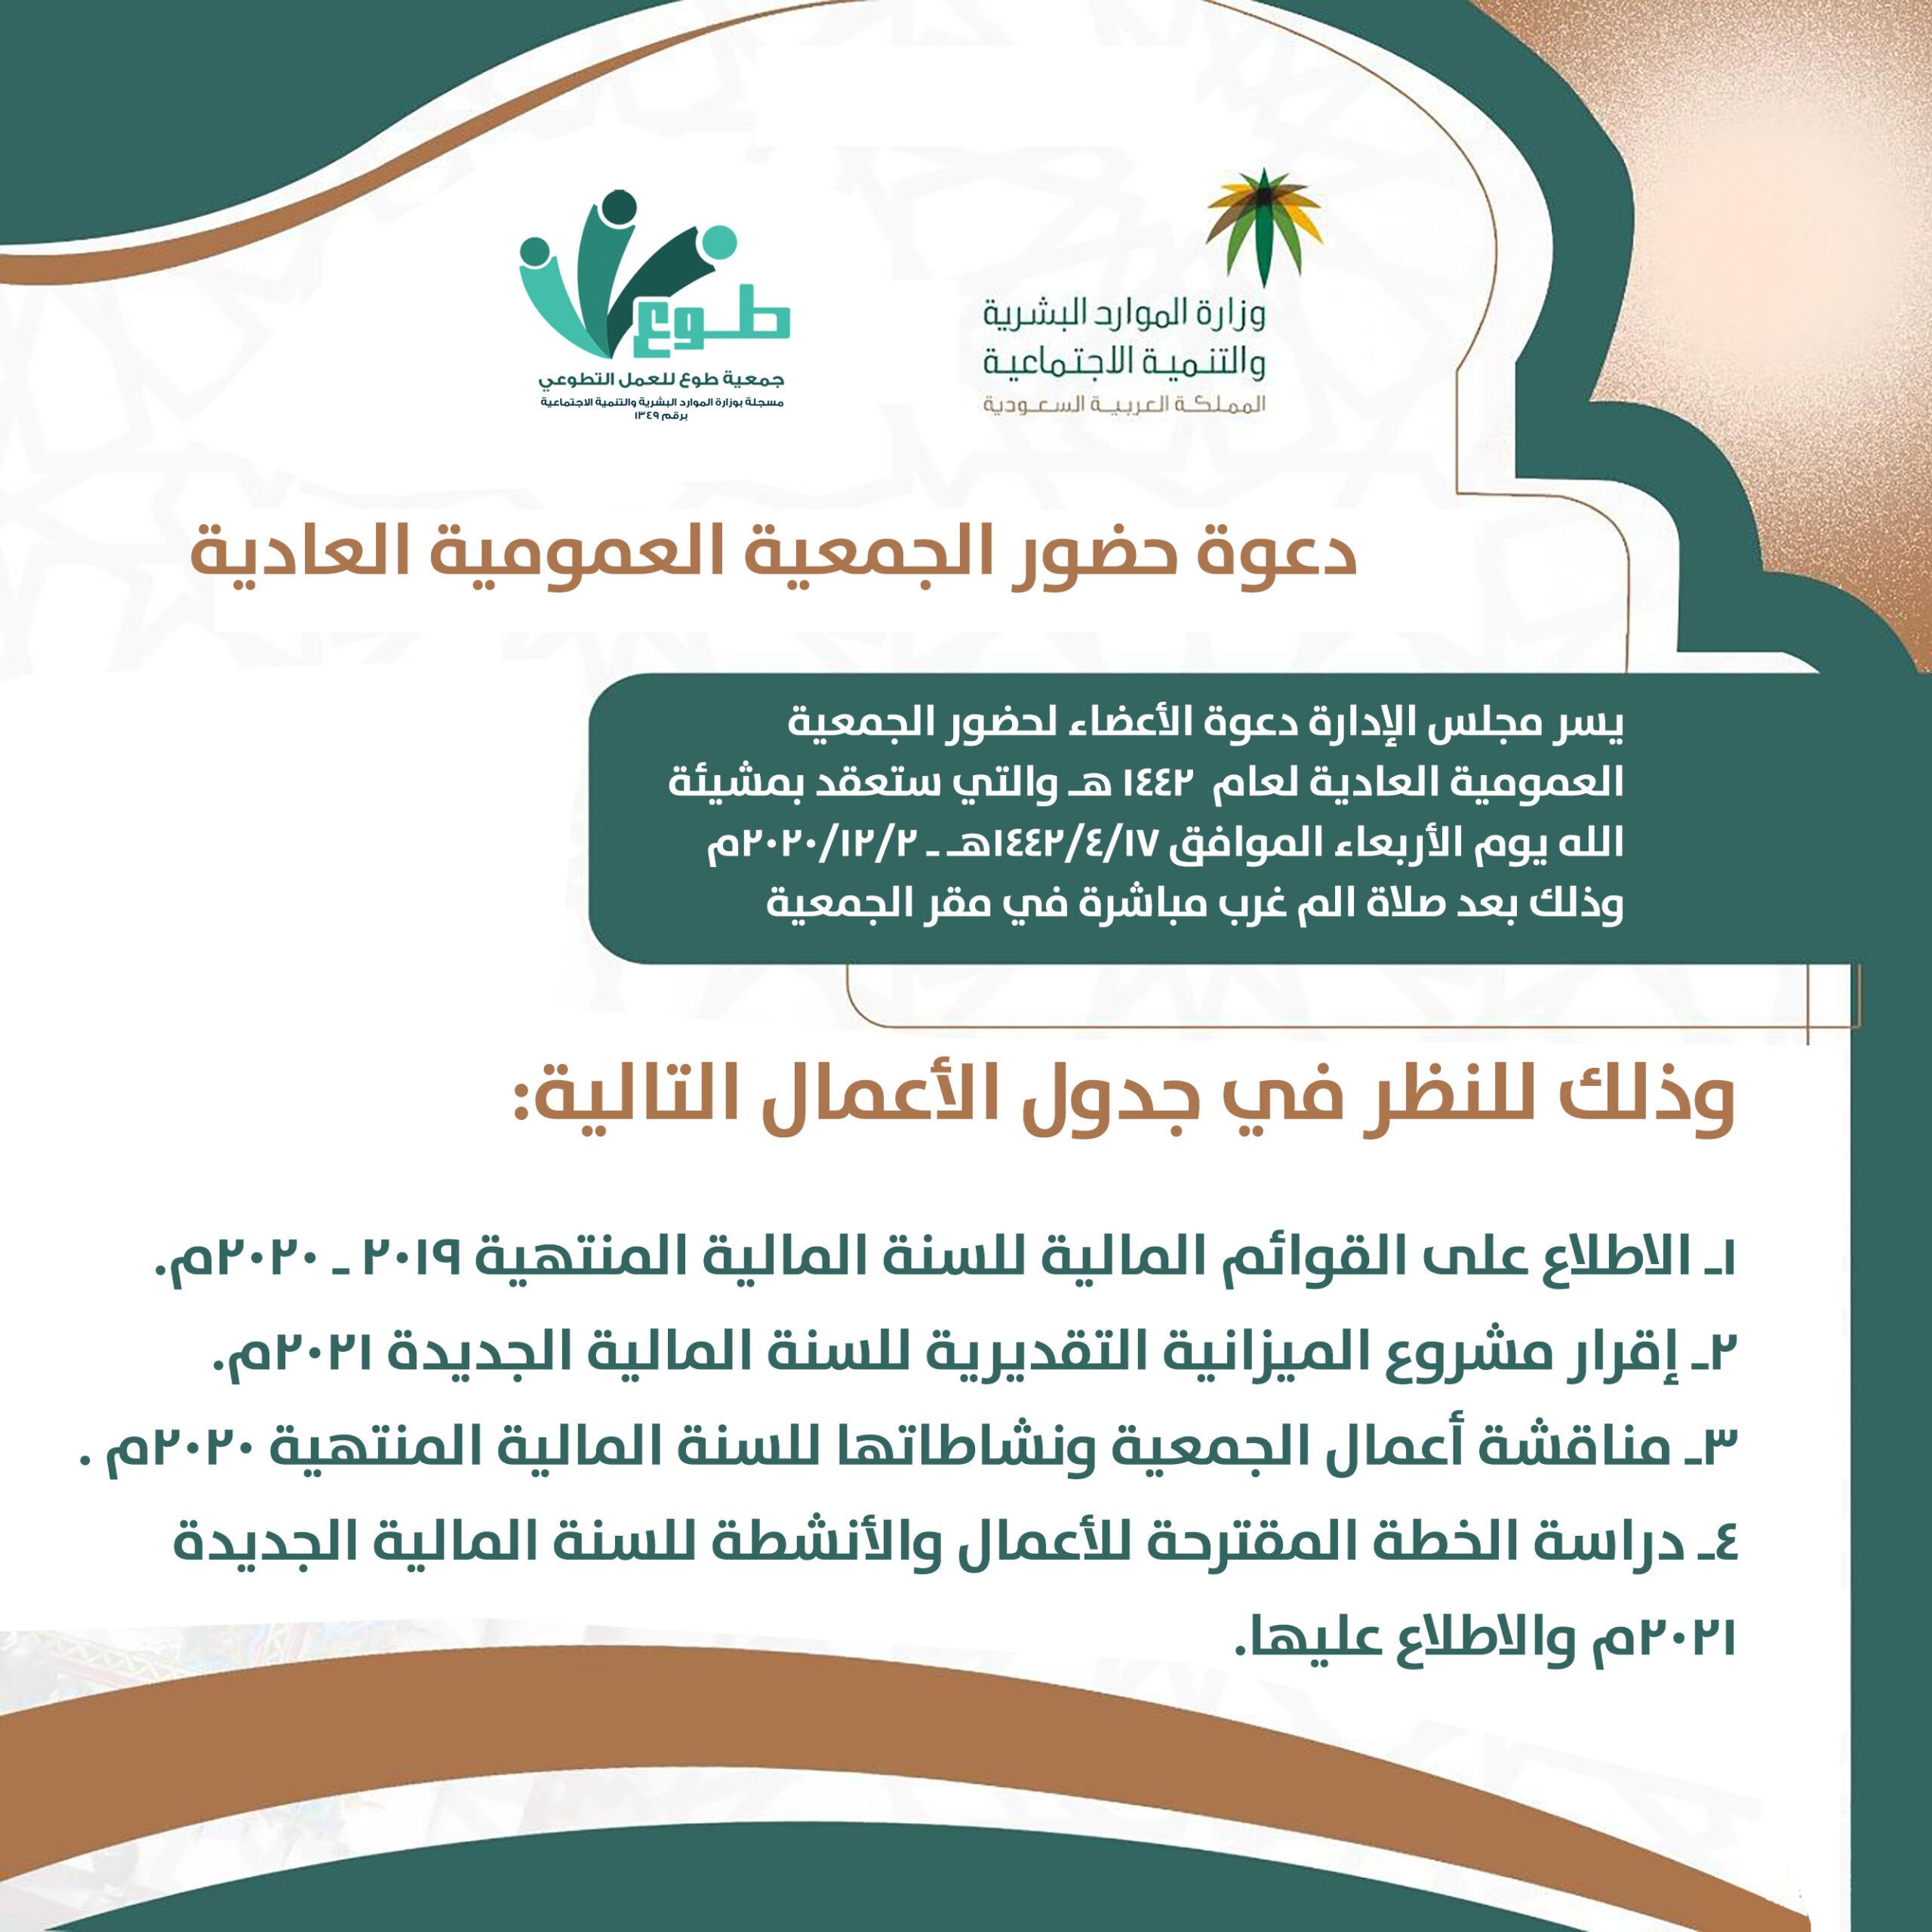 دعوة لحضور الجمعية العمومية العادية